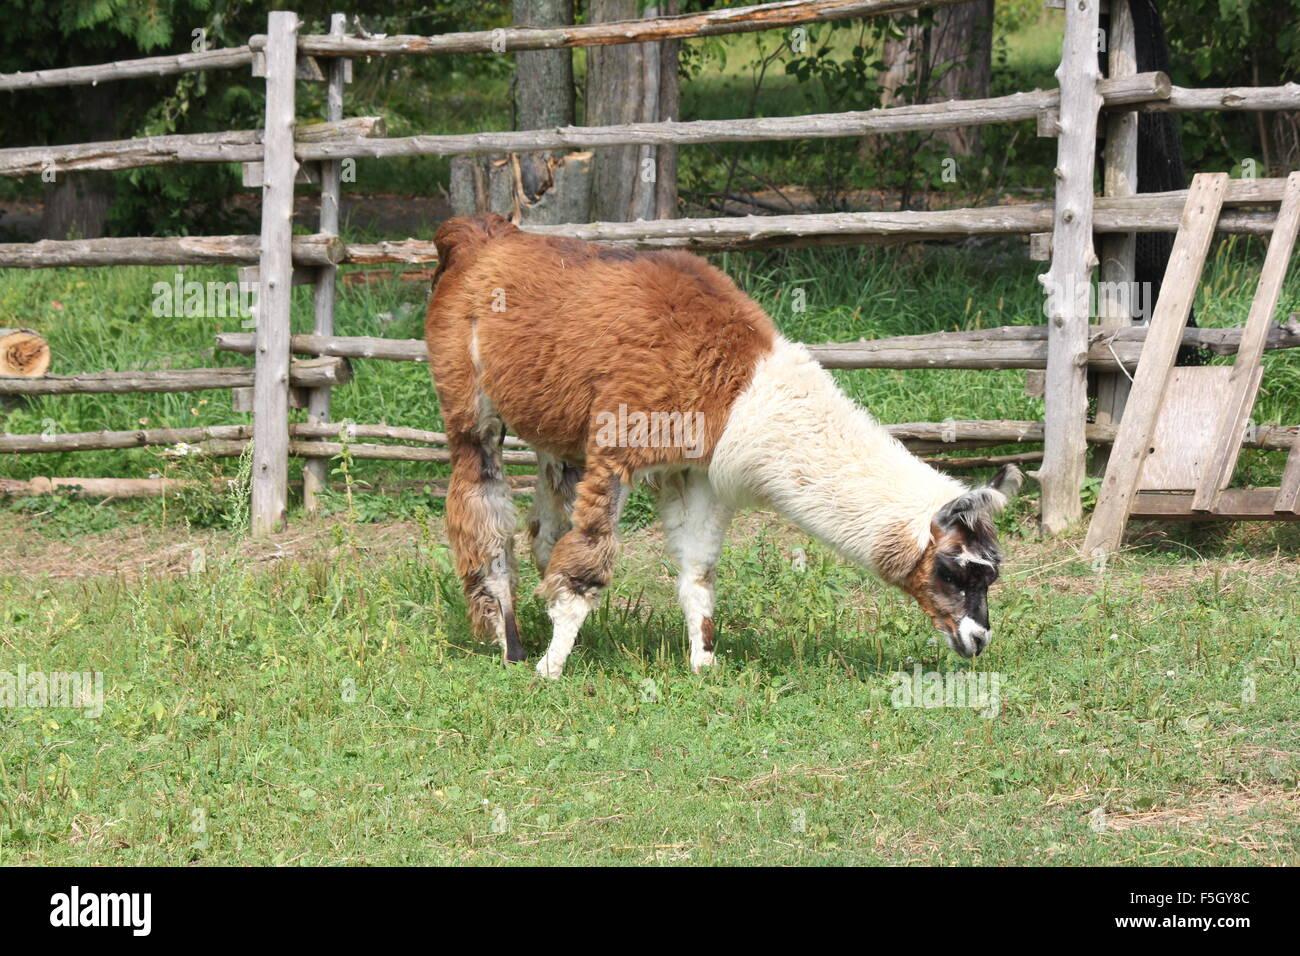 Llama en una pequeña granja de pasatiempo. La llama es un camélido sudamericano domesticado, fue ampliamente Imagen De Stock